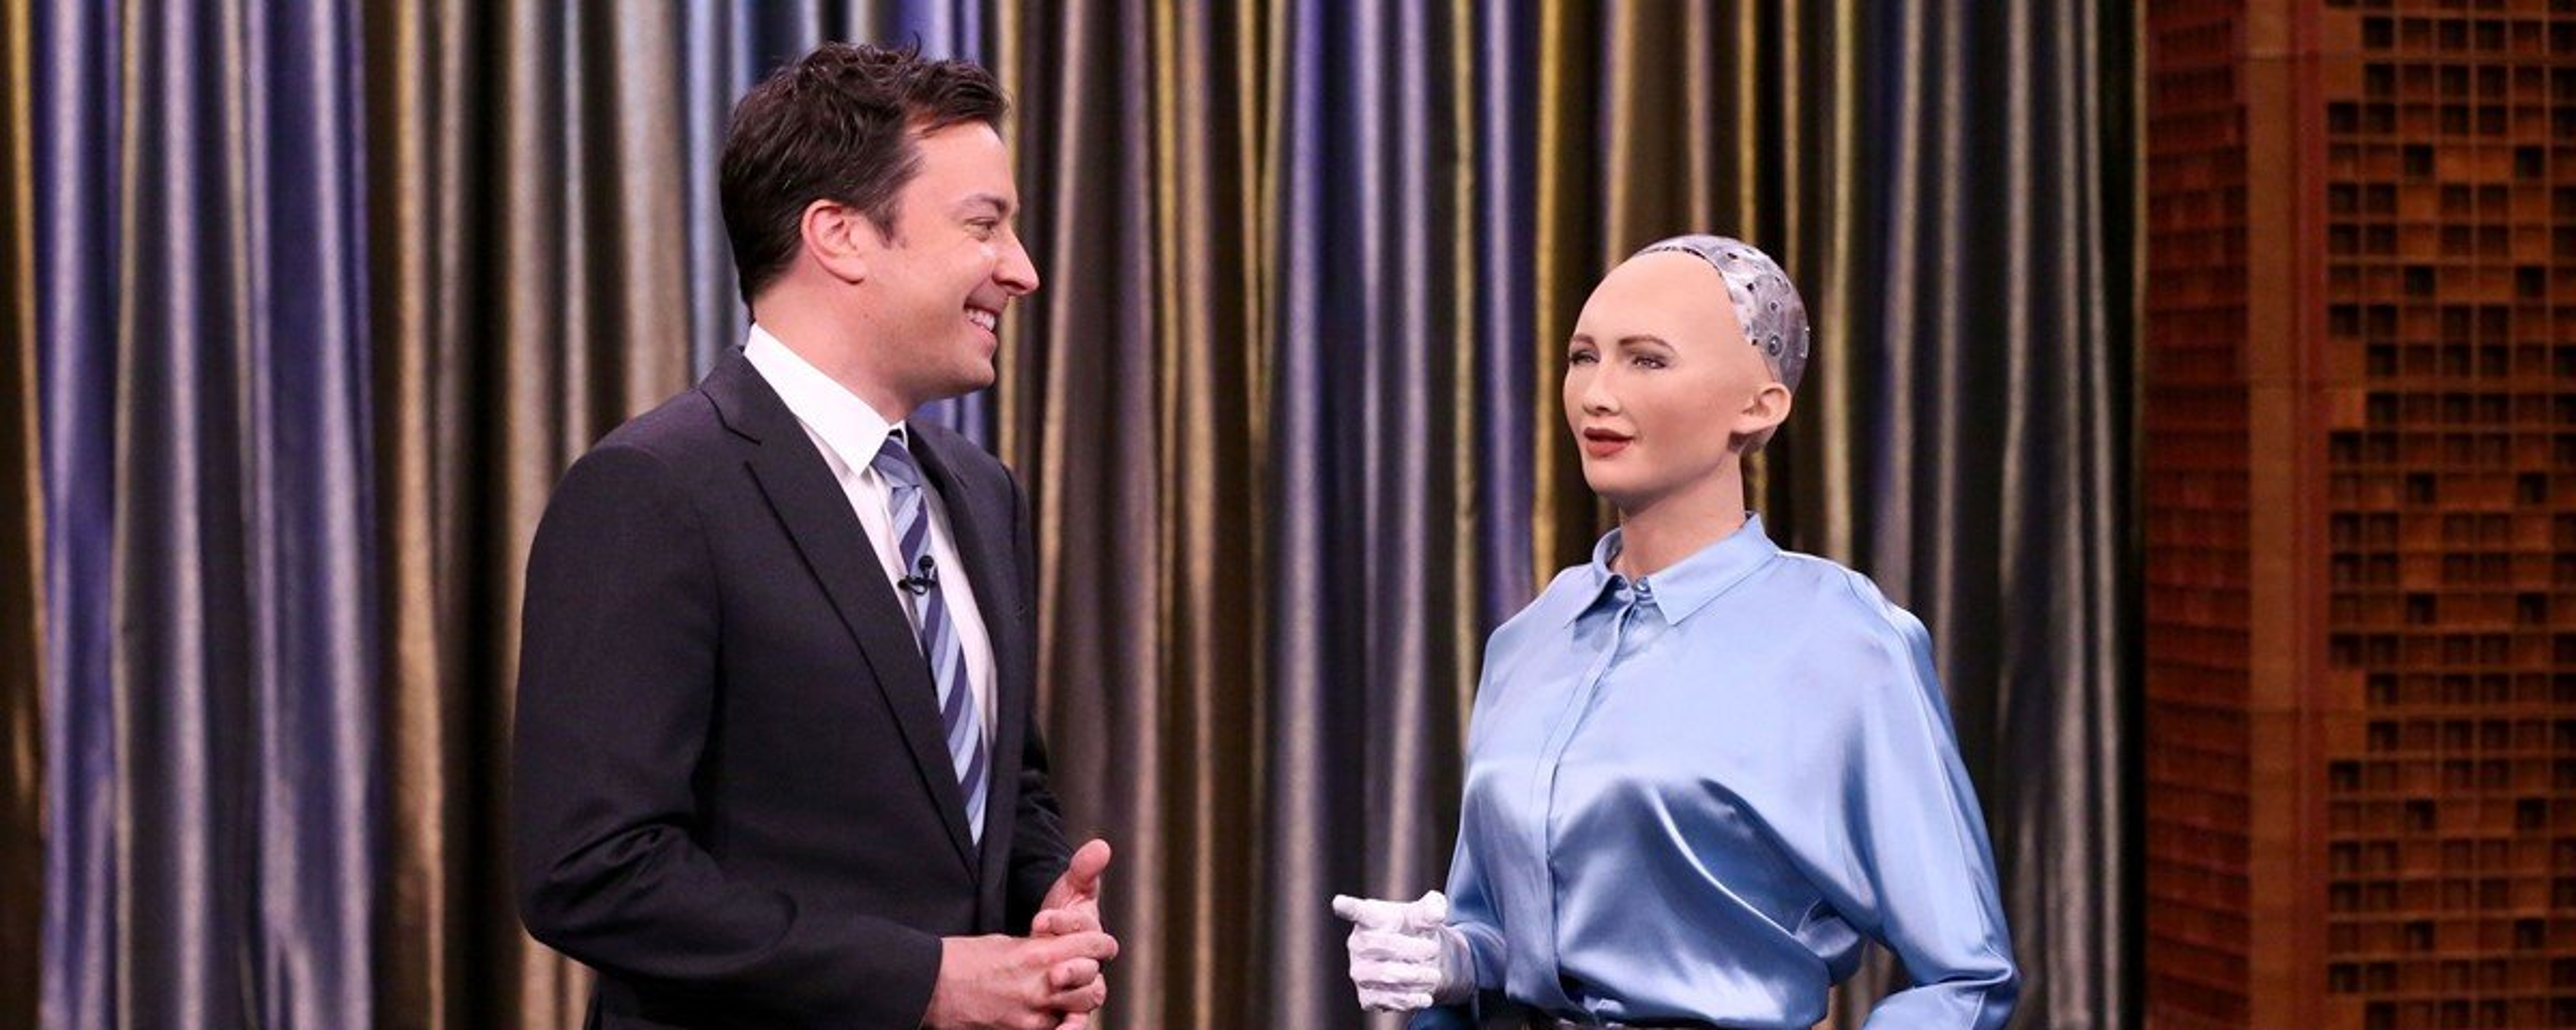 Apresentador Jimmy Fallon canta Christina Aguilera em dueto com robô Sophia